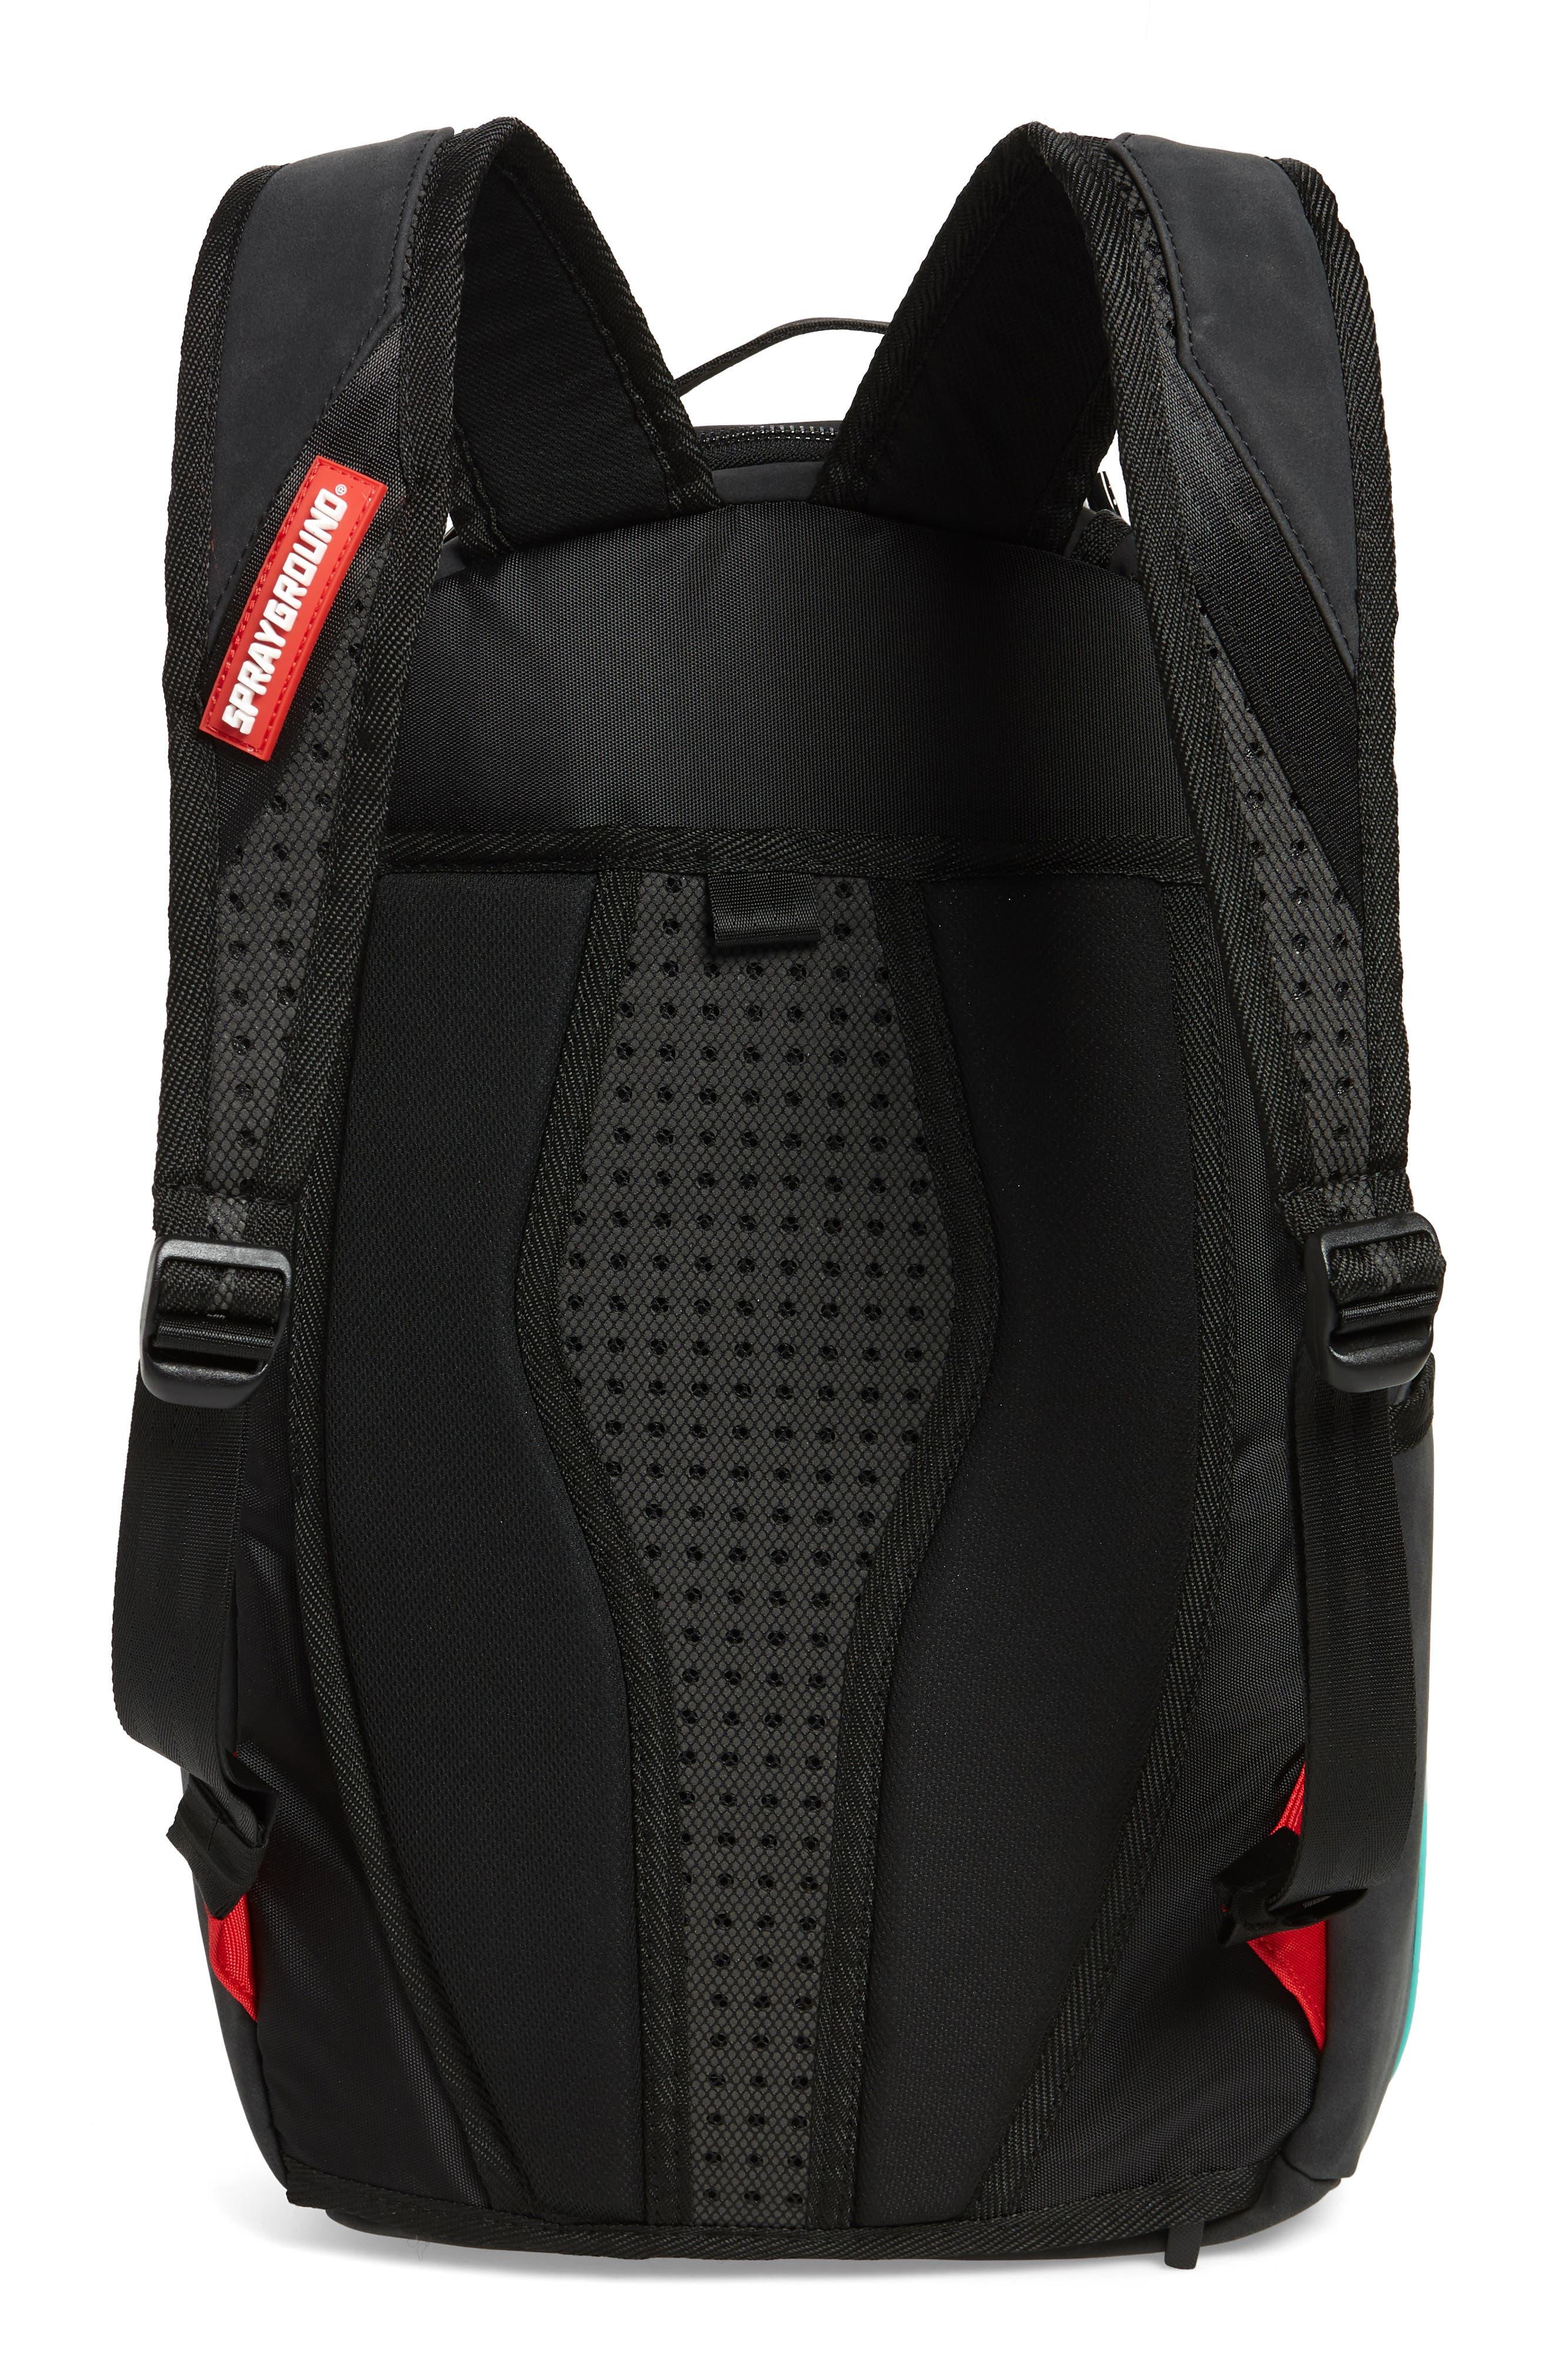 Tiff Shark Backpack,                             Alternate thumbnail 3, color,